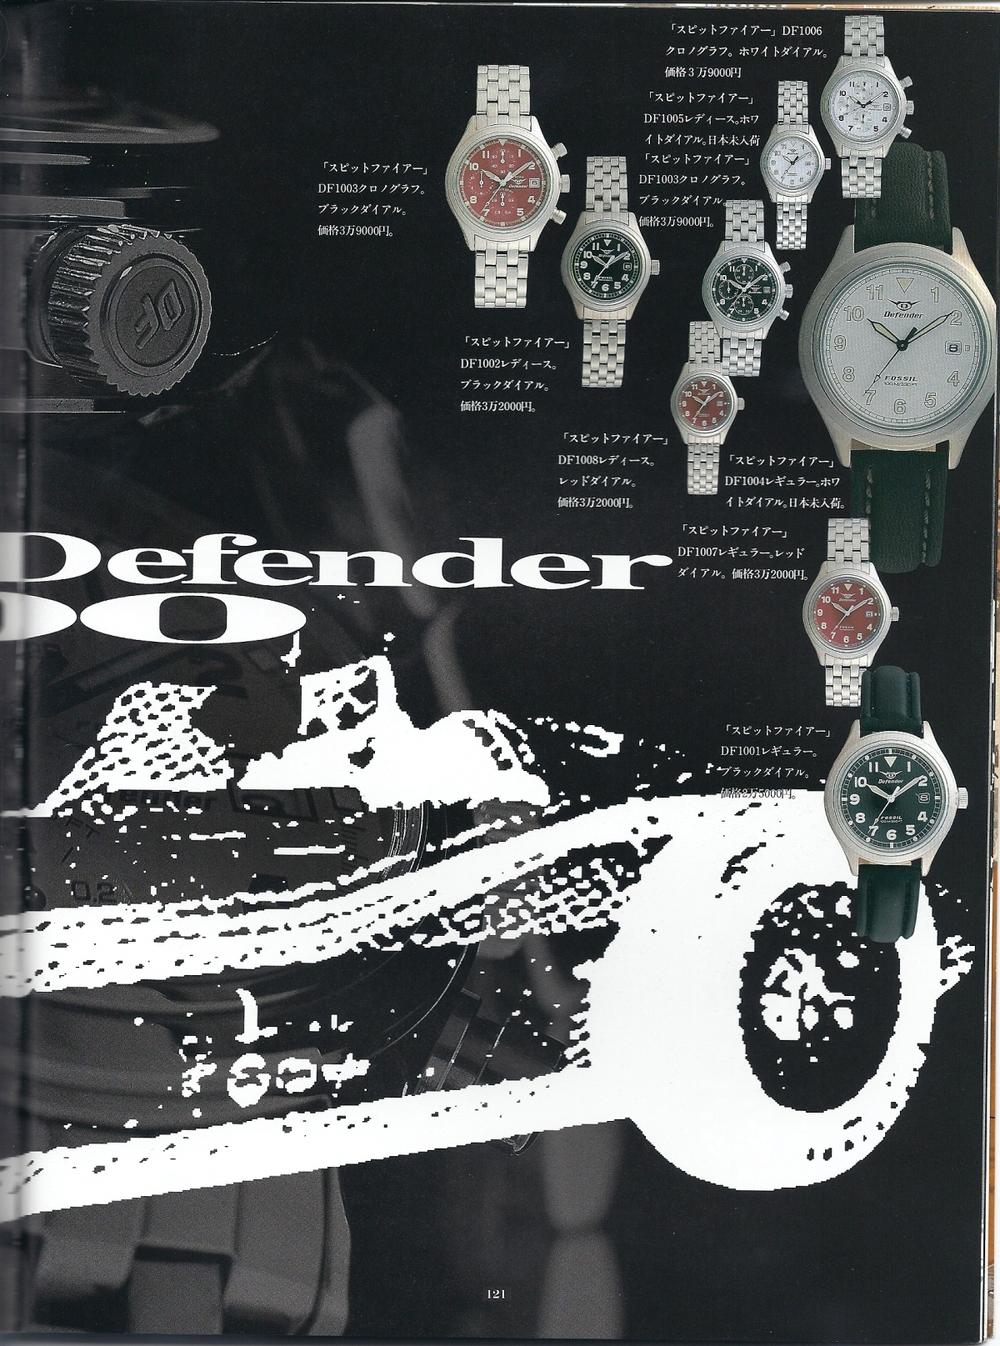 defender_121.jpg